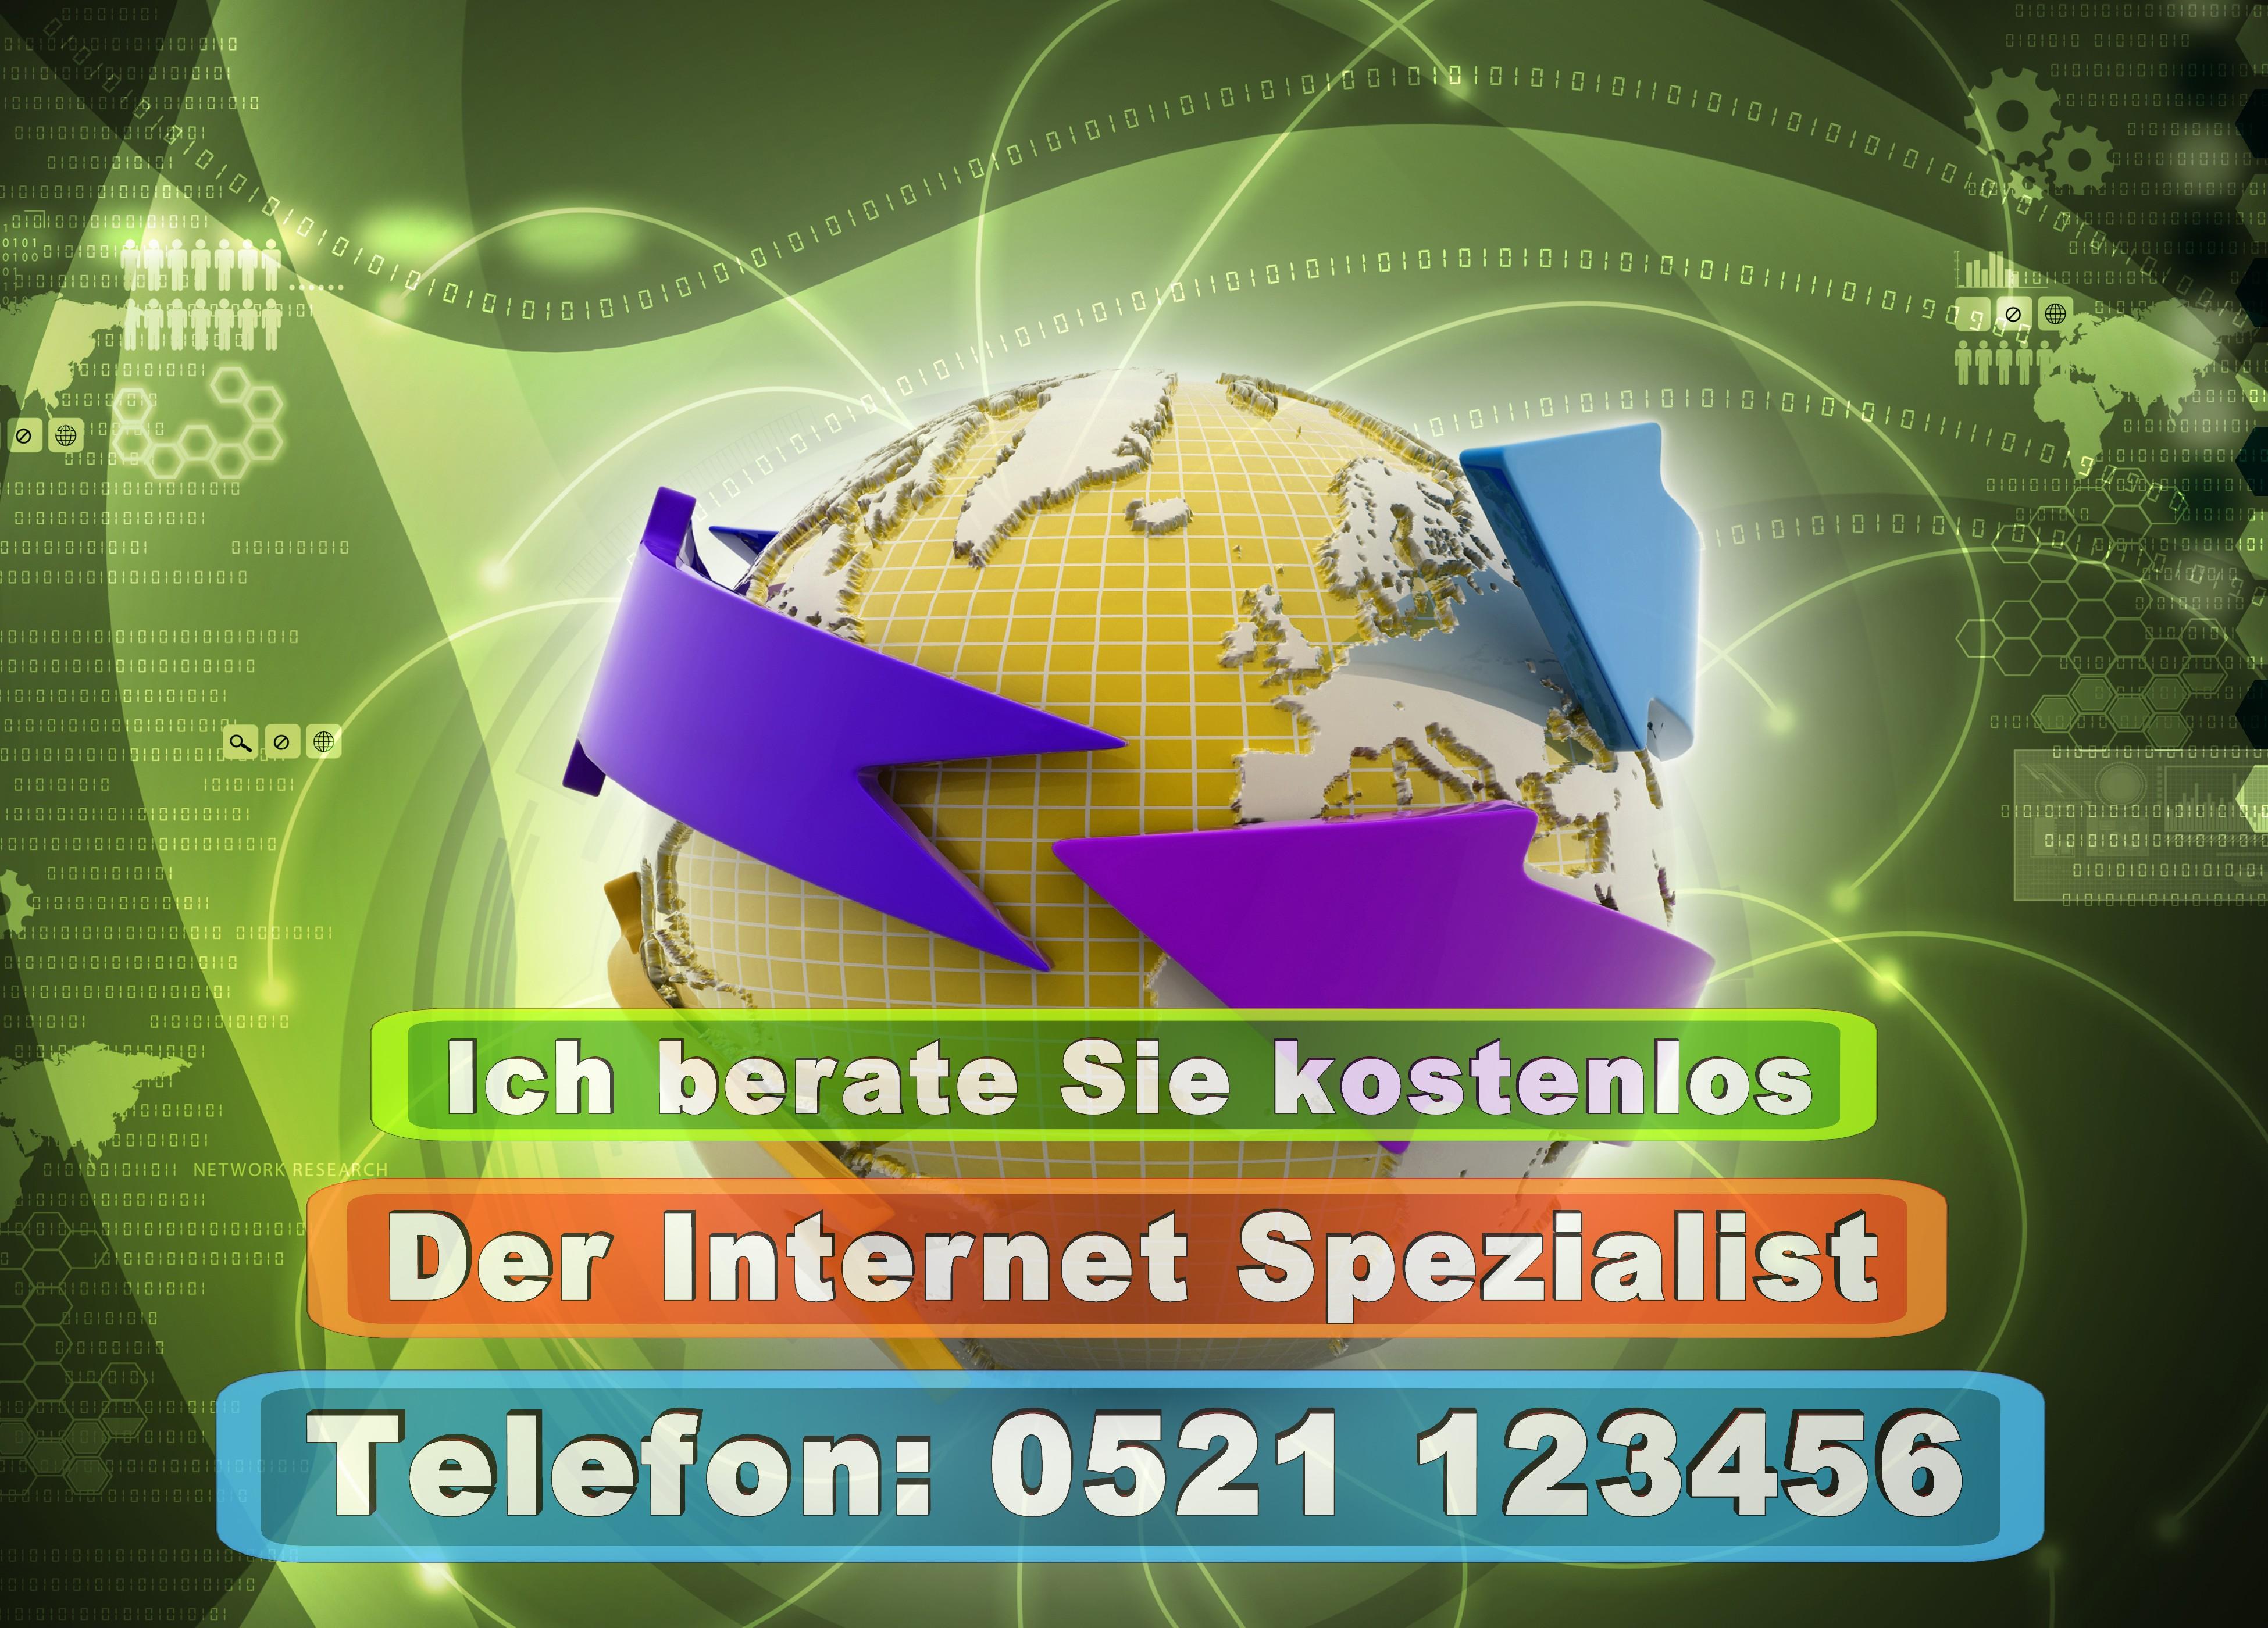 Werbeagentur Bielefeld Druckerei Bielefeld Prospekte Zeitung Visitenkarten Poster Werbung Print Presse Druck Fotografie Fotos Internet (53)